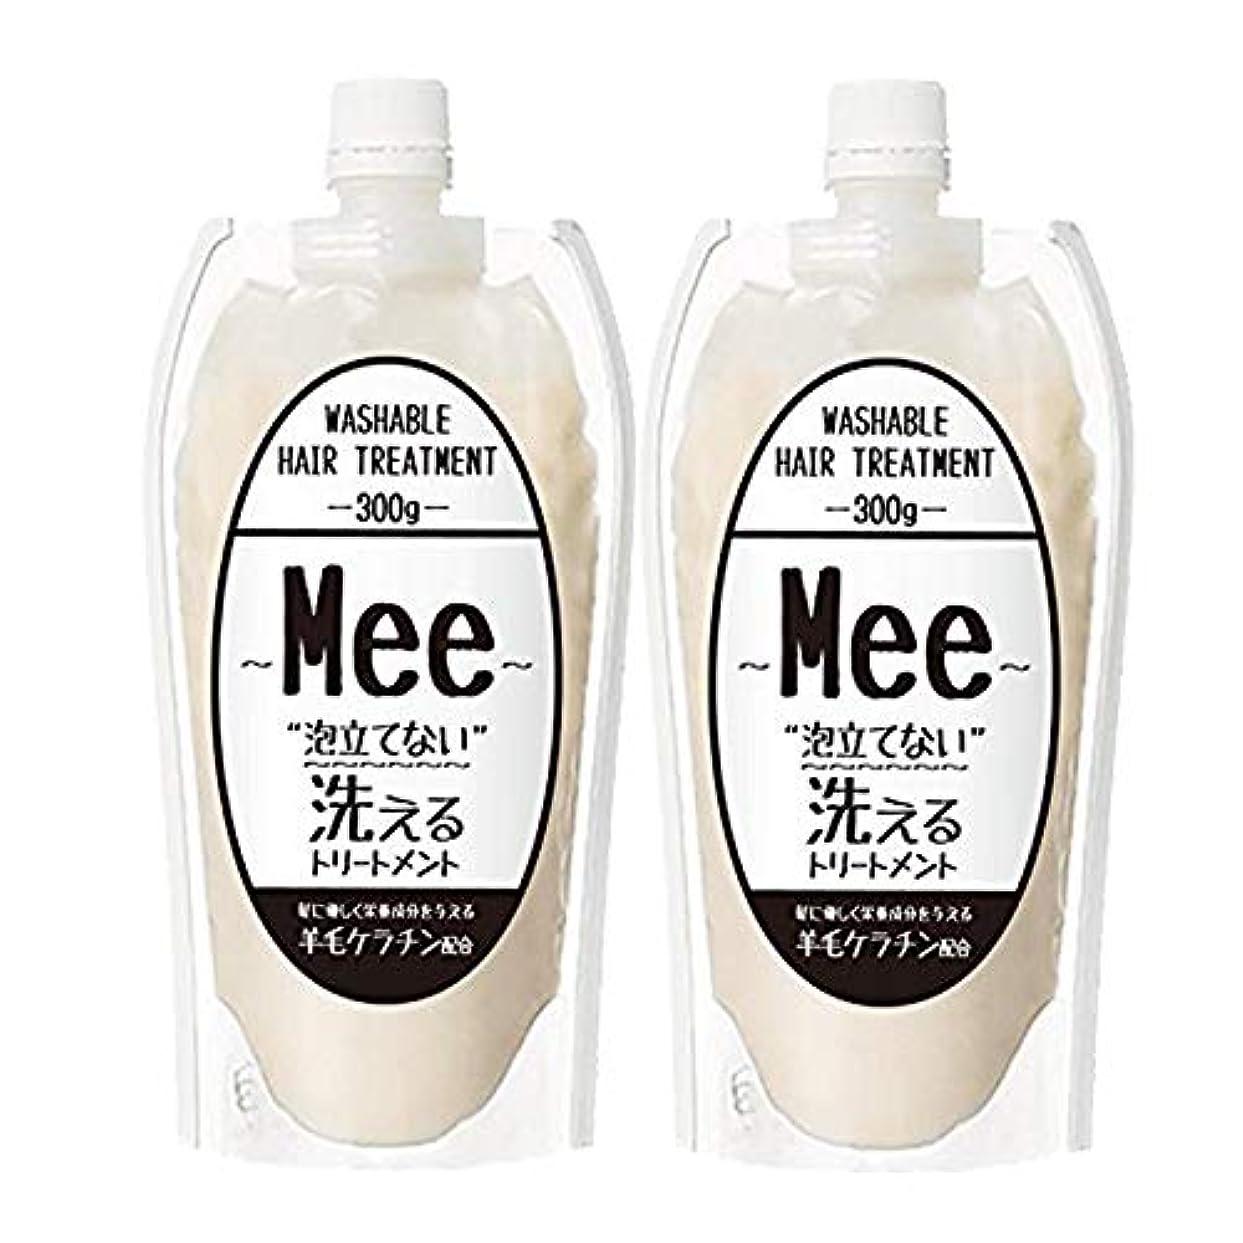 傭兵魔女ちっちゃいまとめ買い【2個組】 洗えるトリートメントMEE Mee 300g×2個SET クリームシャンプー 皮脂 乾燥肌 ダメージケア 大容量 時短